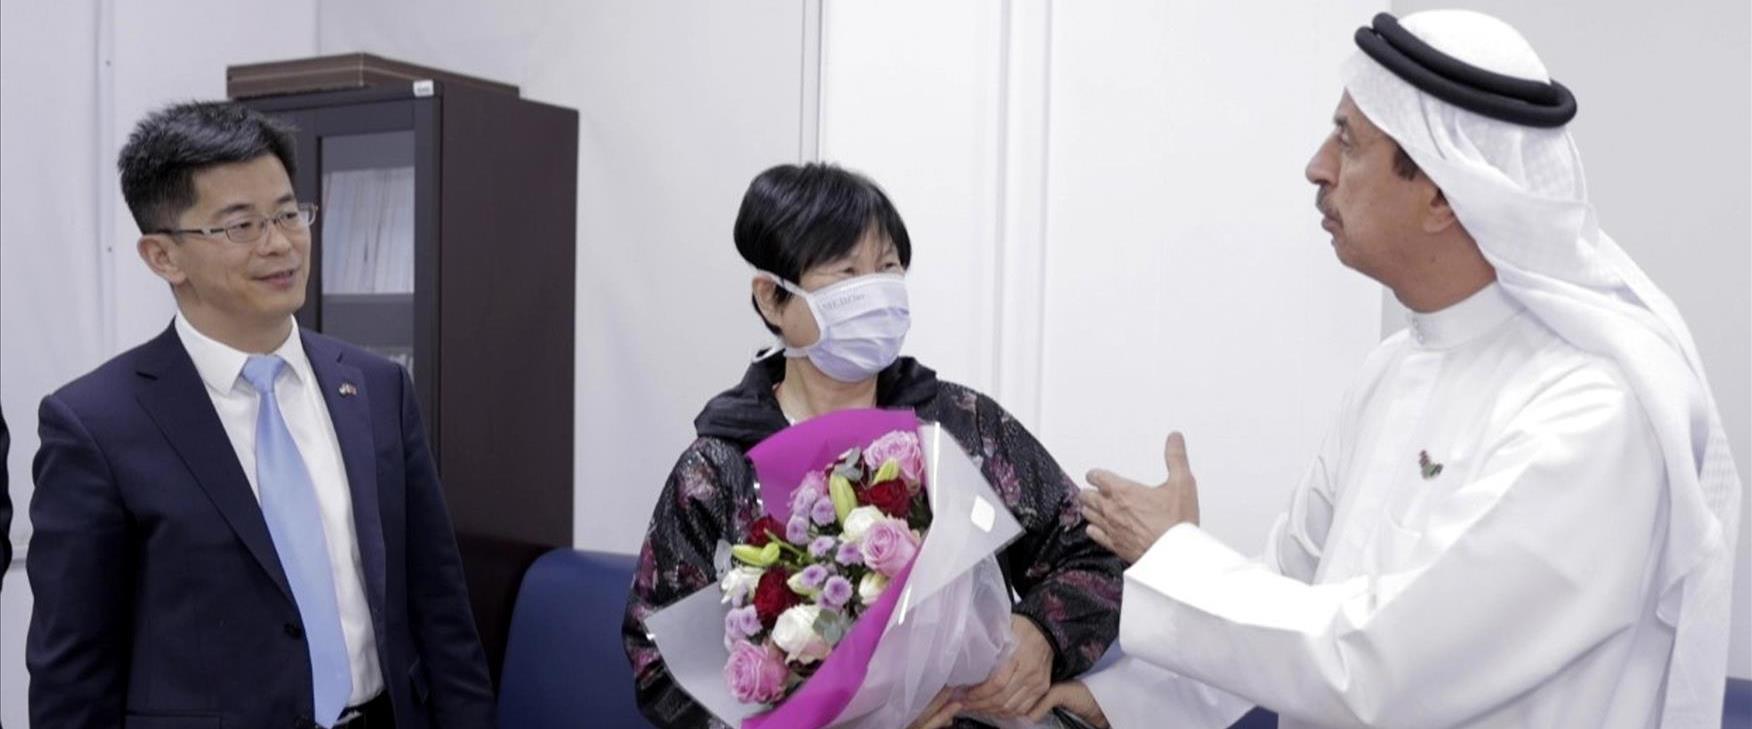 אזרחית סינית נכנסת לאבו דאבי לאחר שנשלל כי נדבקה ב